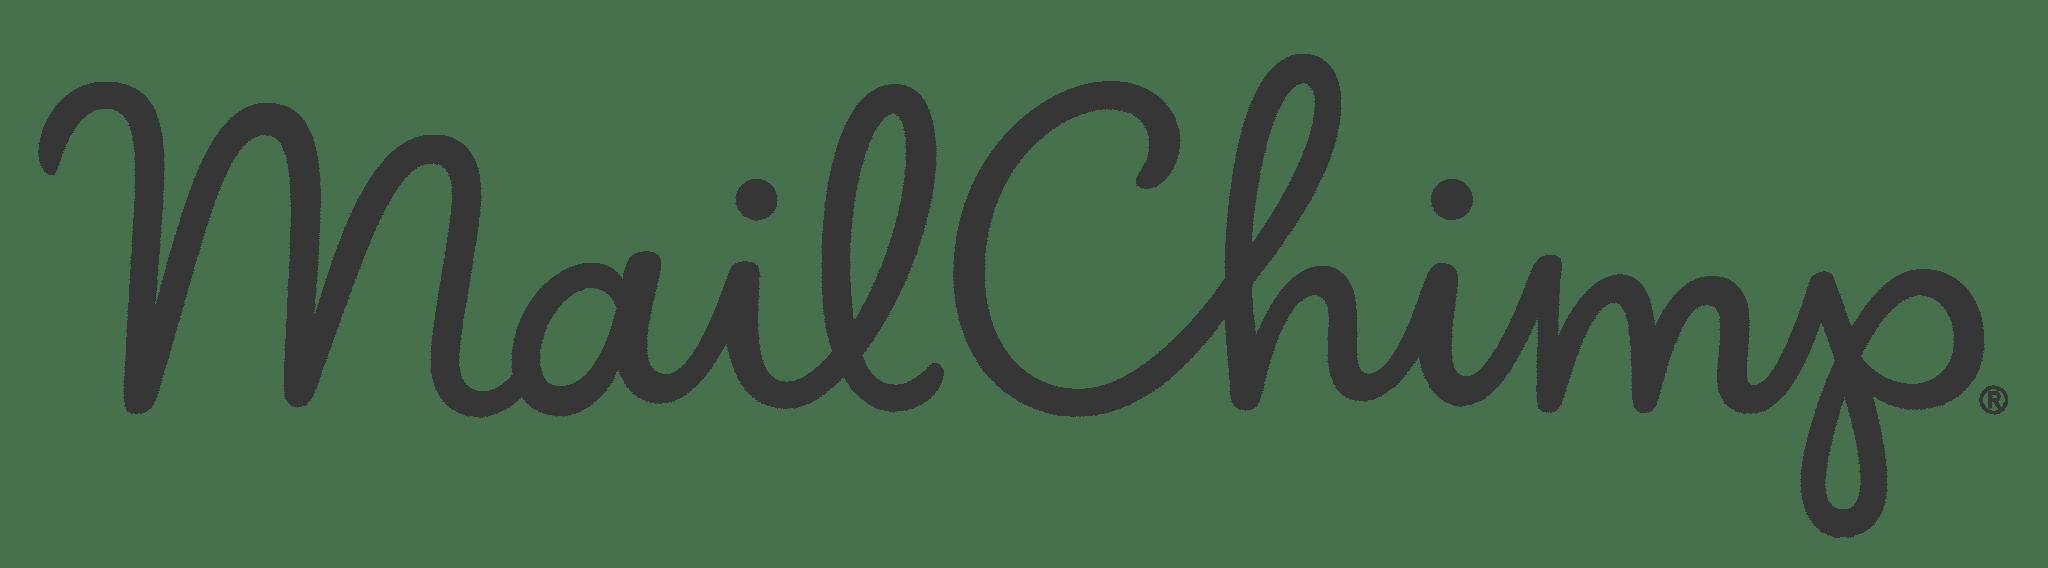 Newsletter mit Mailchimp